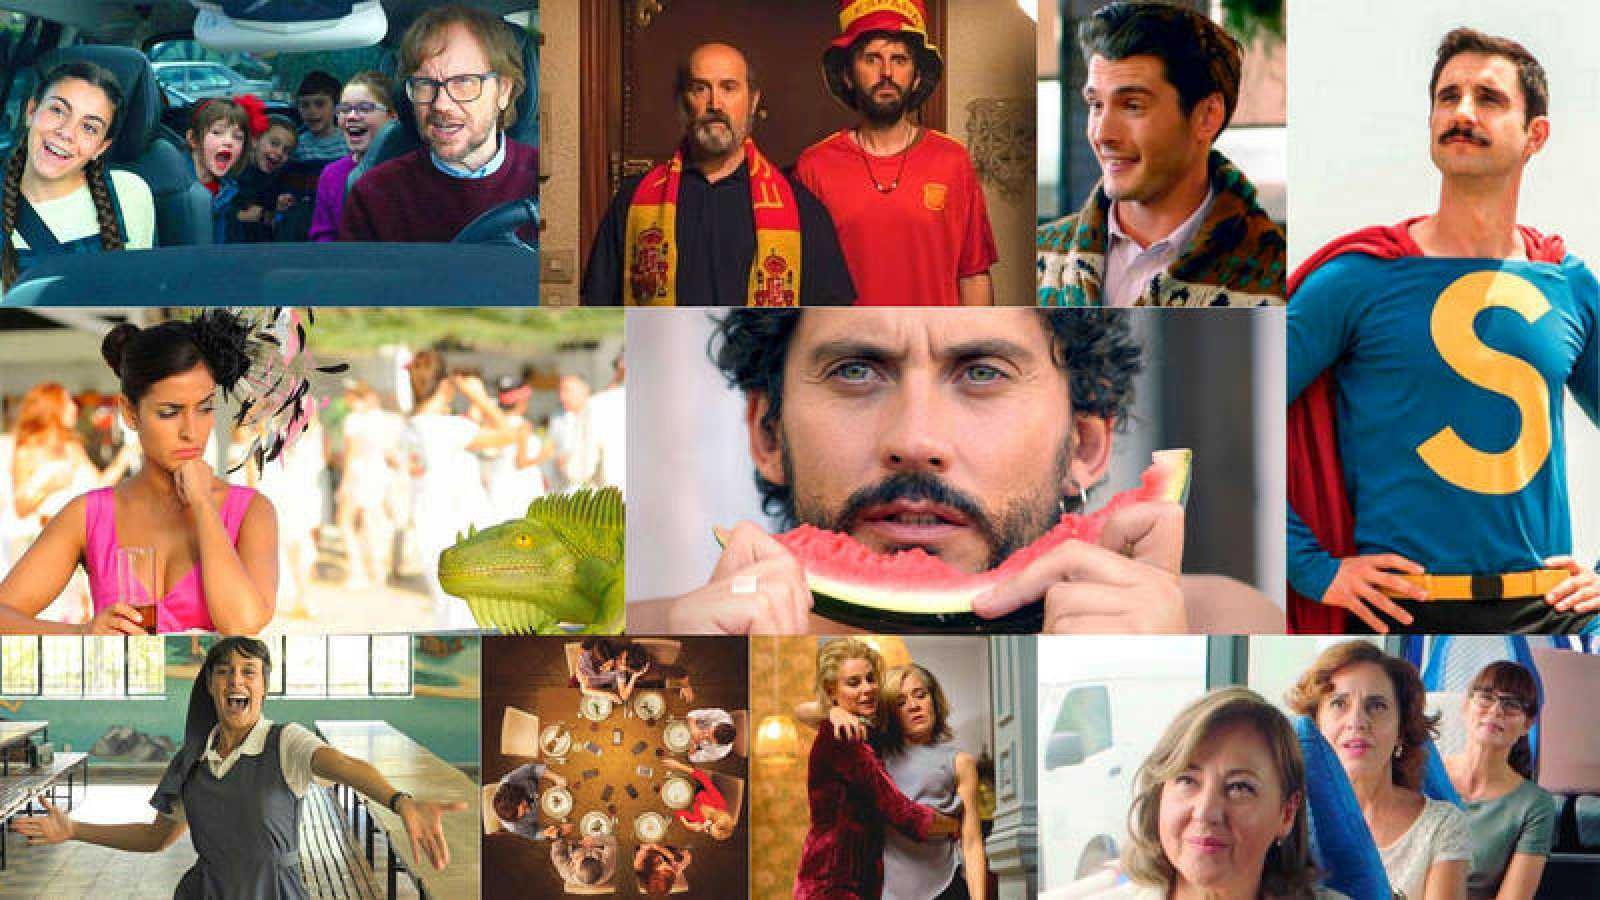 Santiago Segura, Javier Cámara, Carmen Machi y Belén Cuesta son algunos de los protagonistas de este catálogo de películas.